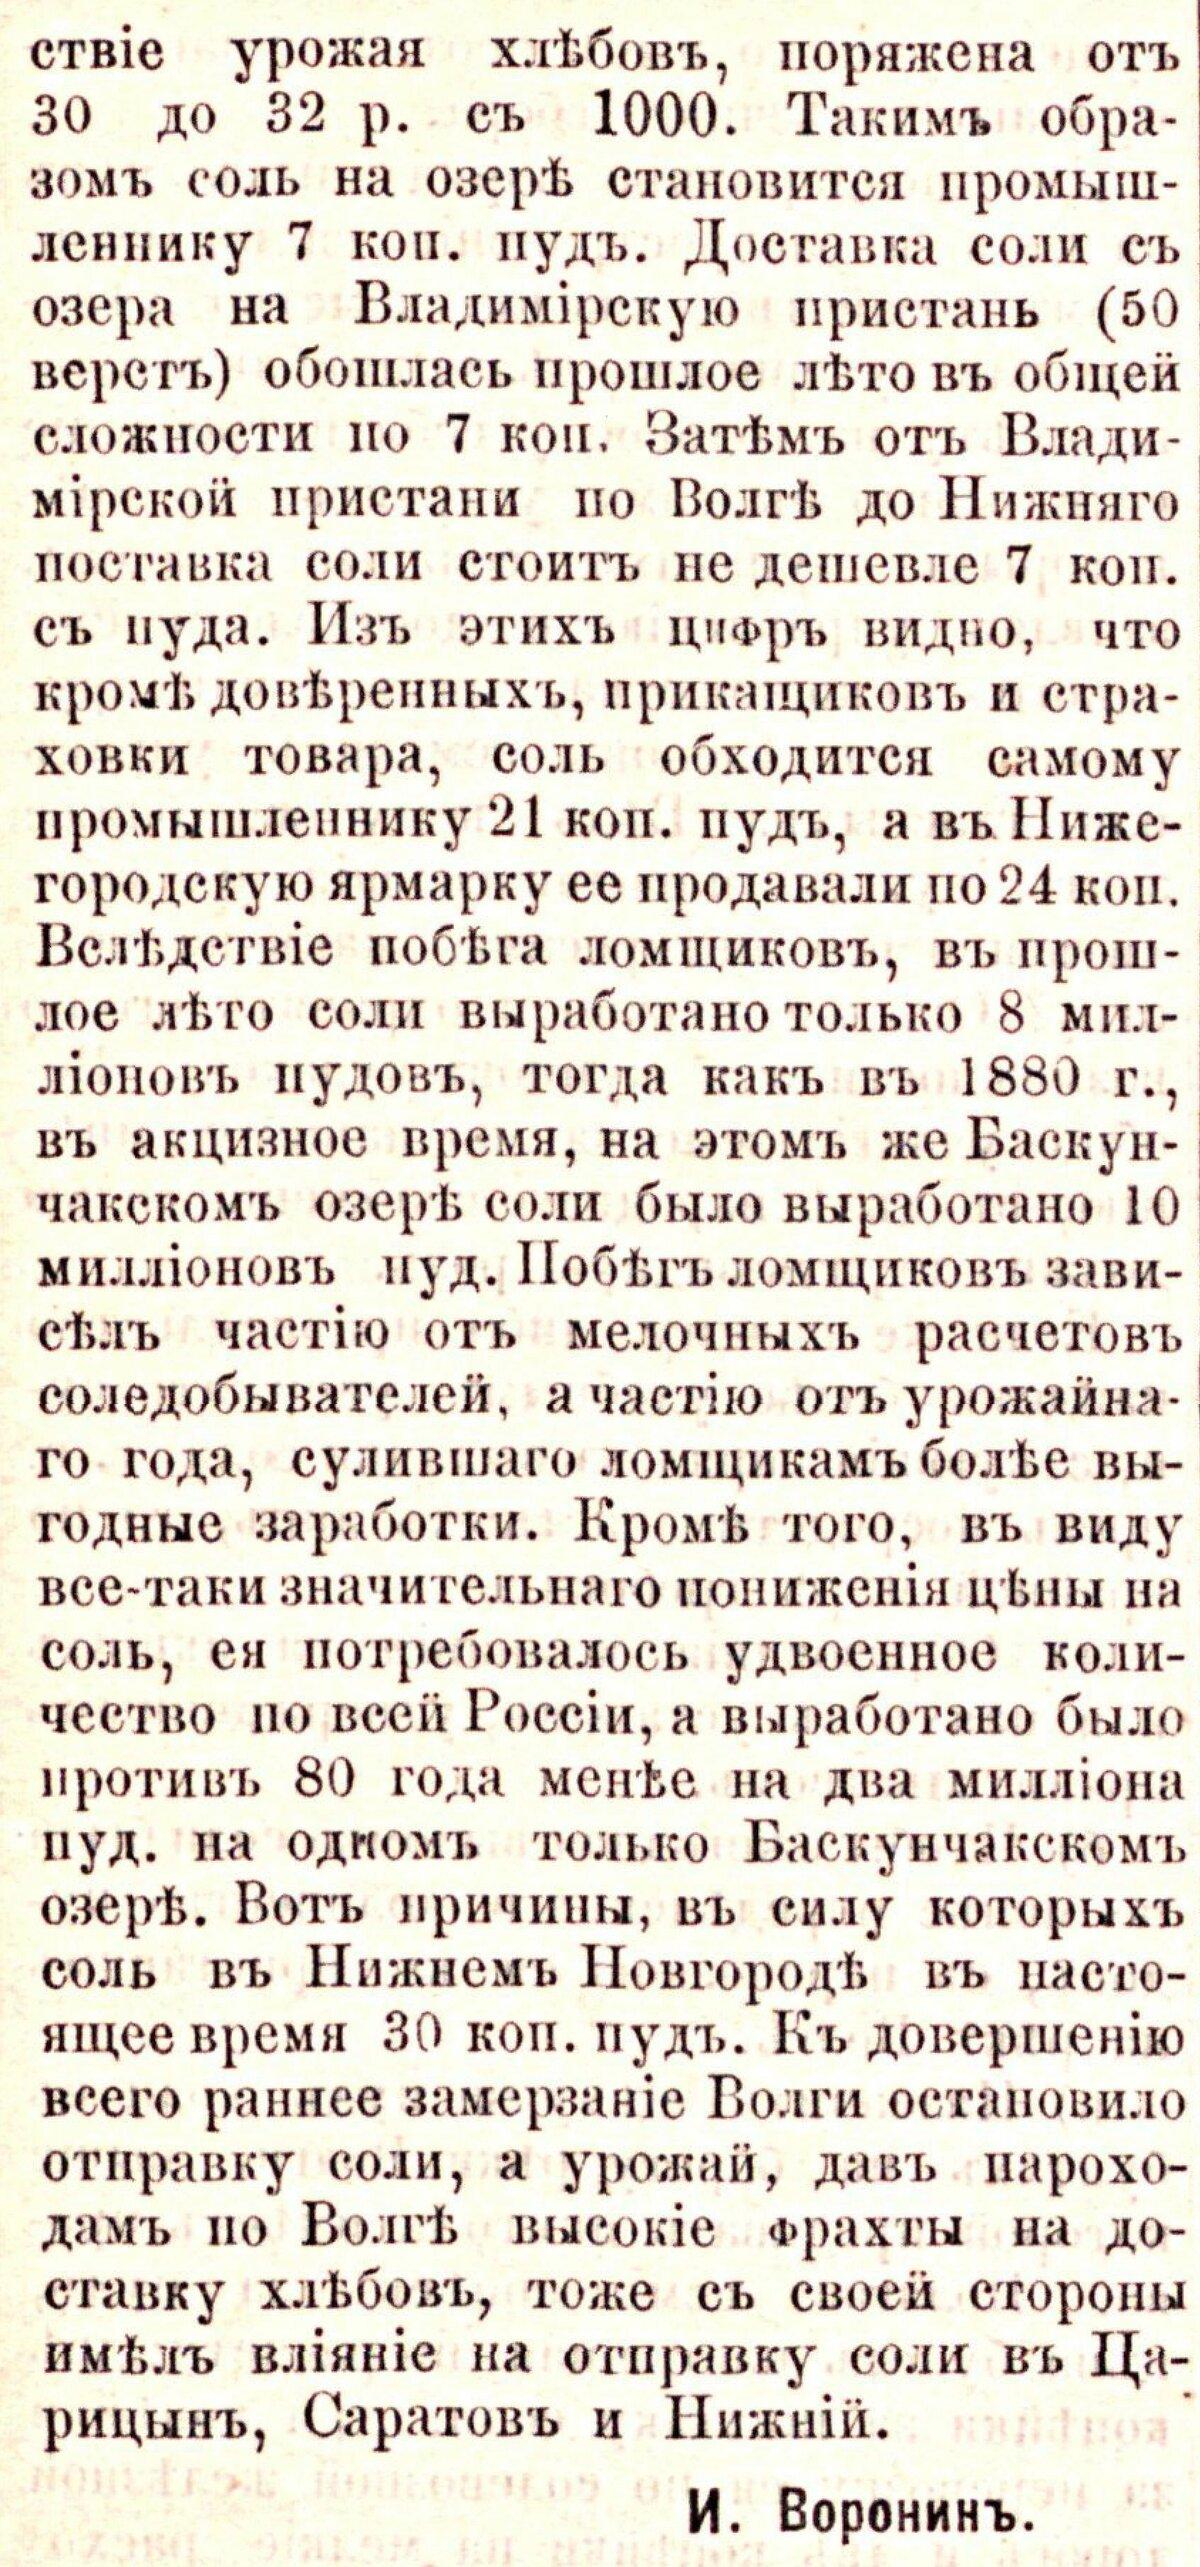 """И. Г. Воронин - Из Астрахани - """"Русь"""", № 59, 24 декабря 1881 года текст в современной орфографии, графическая копия"""